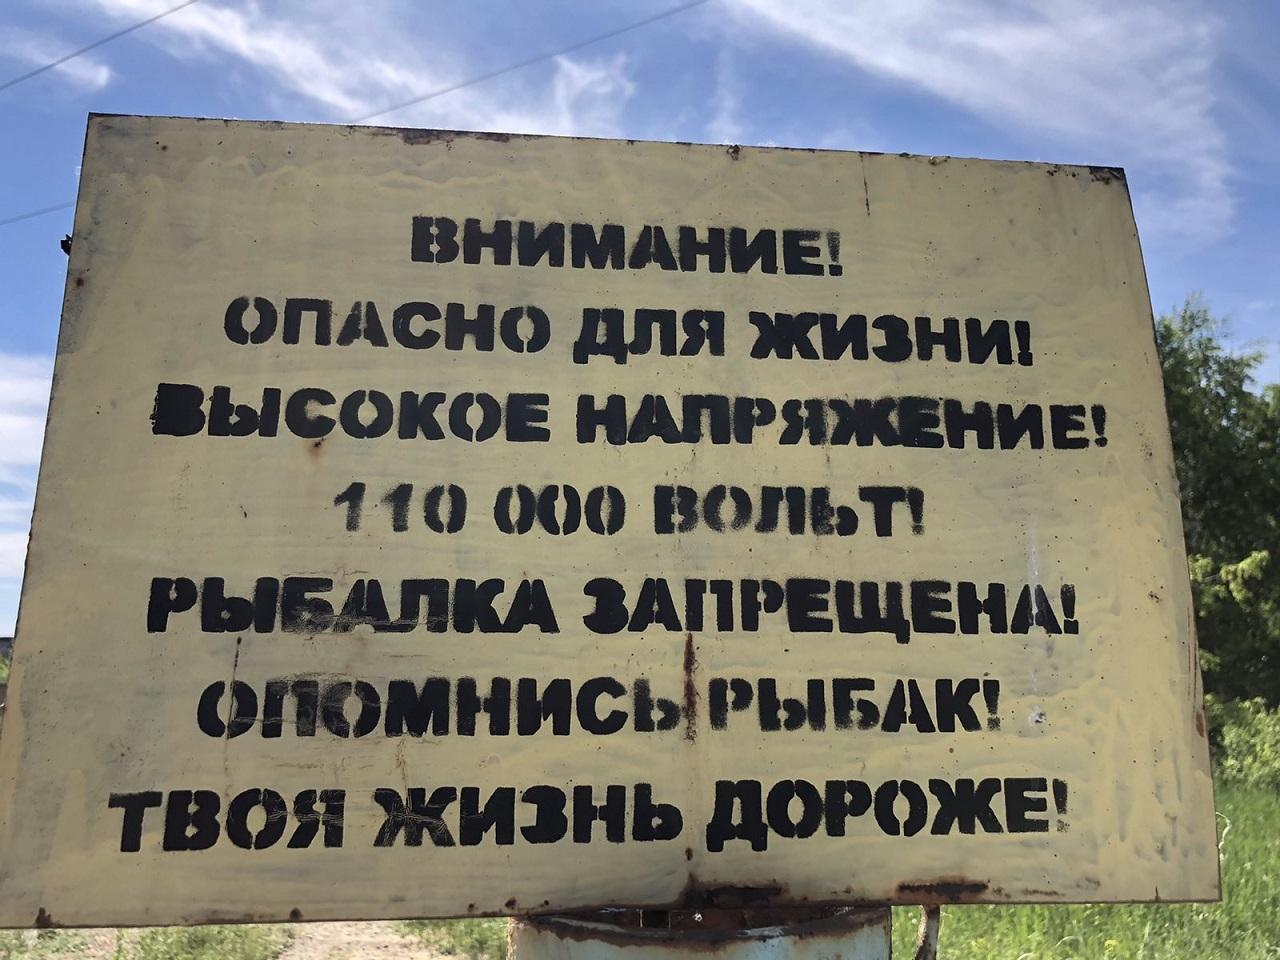 Рыбак погиб от удара током на озере в Челябинской области, есть пострадавшие